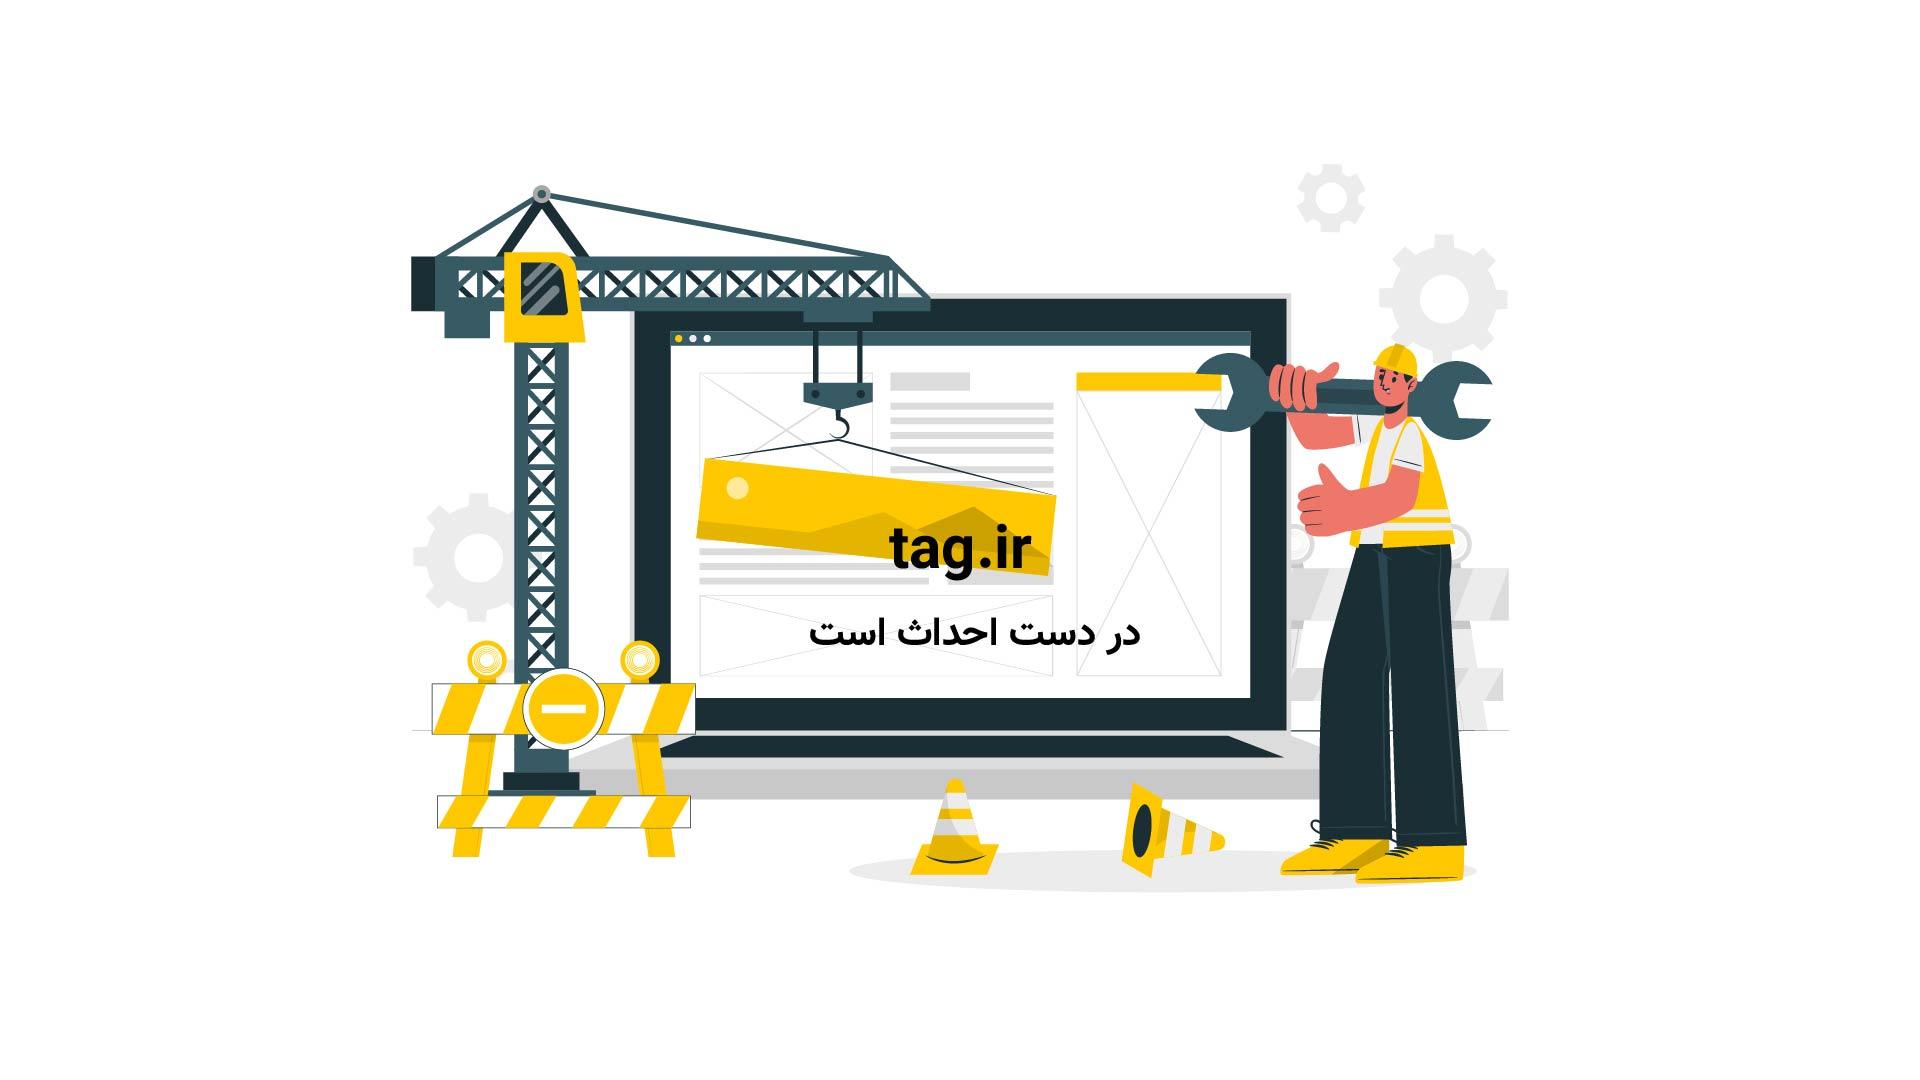 اهرام ثلاثه مصر | تگ